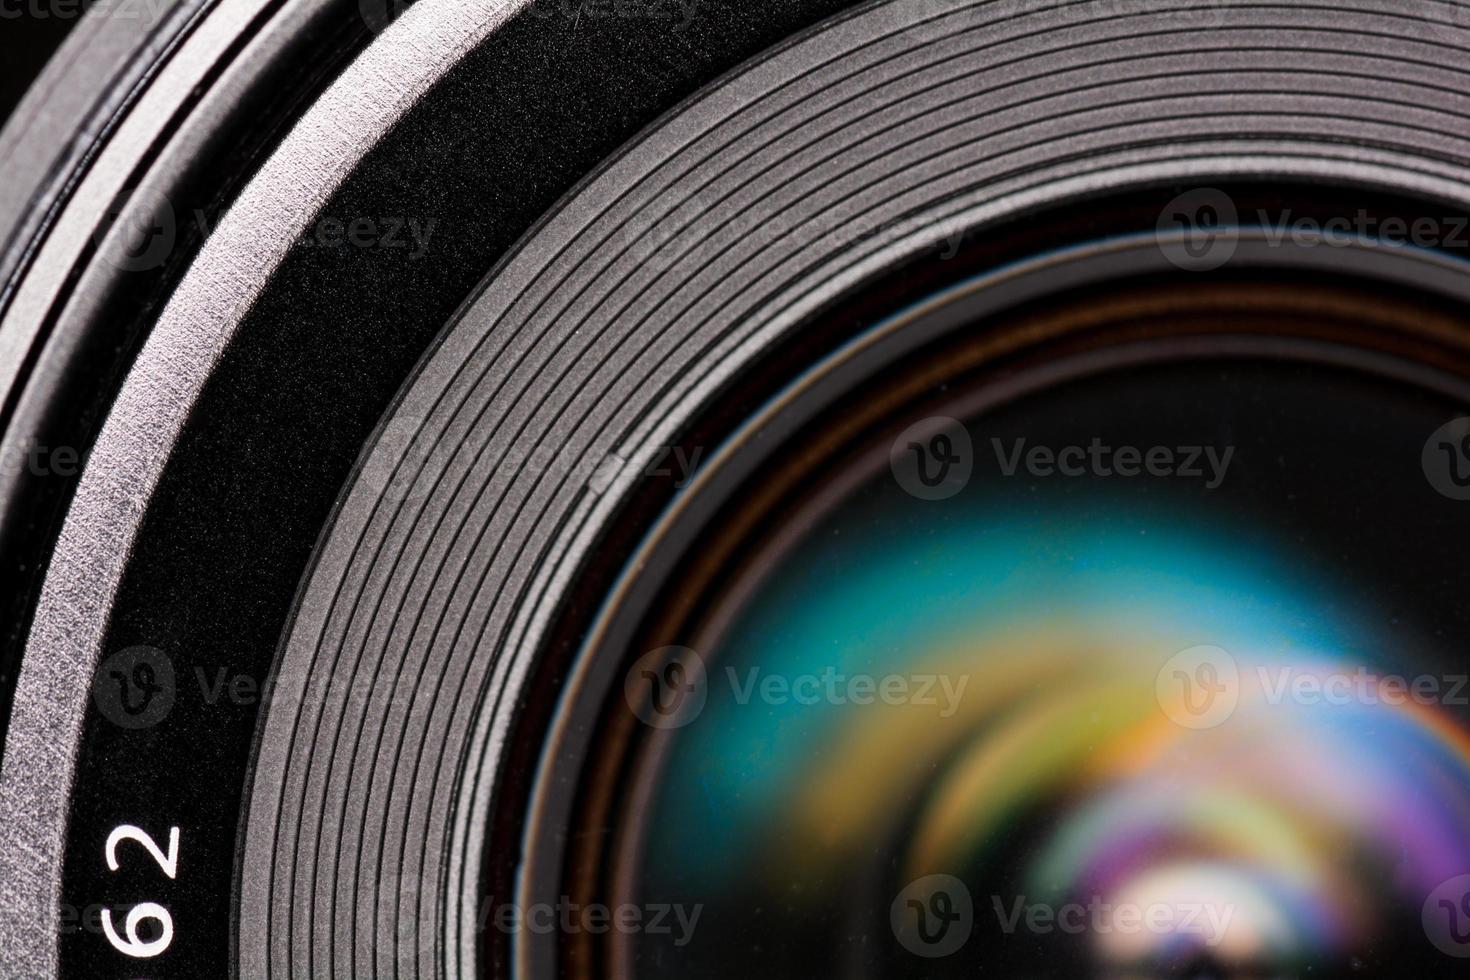 främre element i en kameralins foto